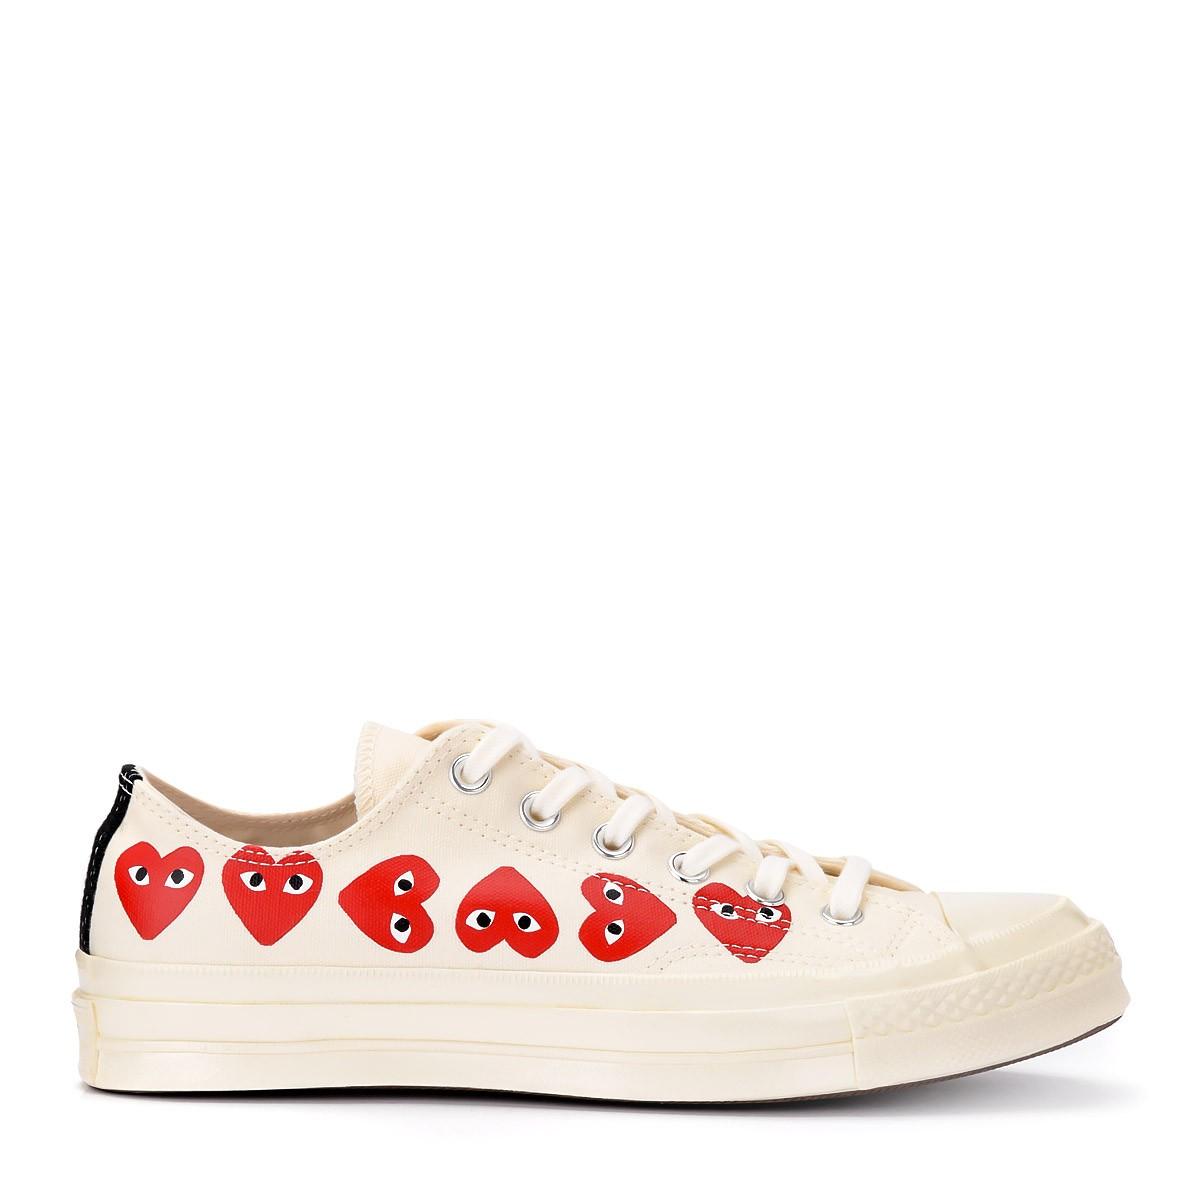 la carretera Redada proposición  Zapatilla Comme des Garçons Play x Converse beige con corazones | H-Brands